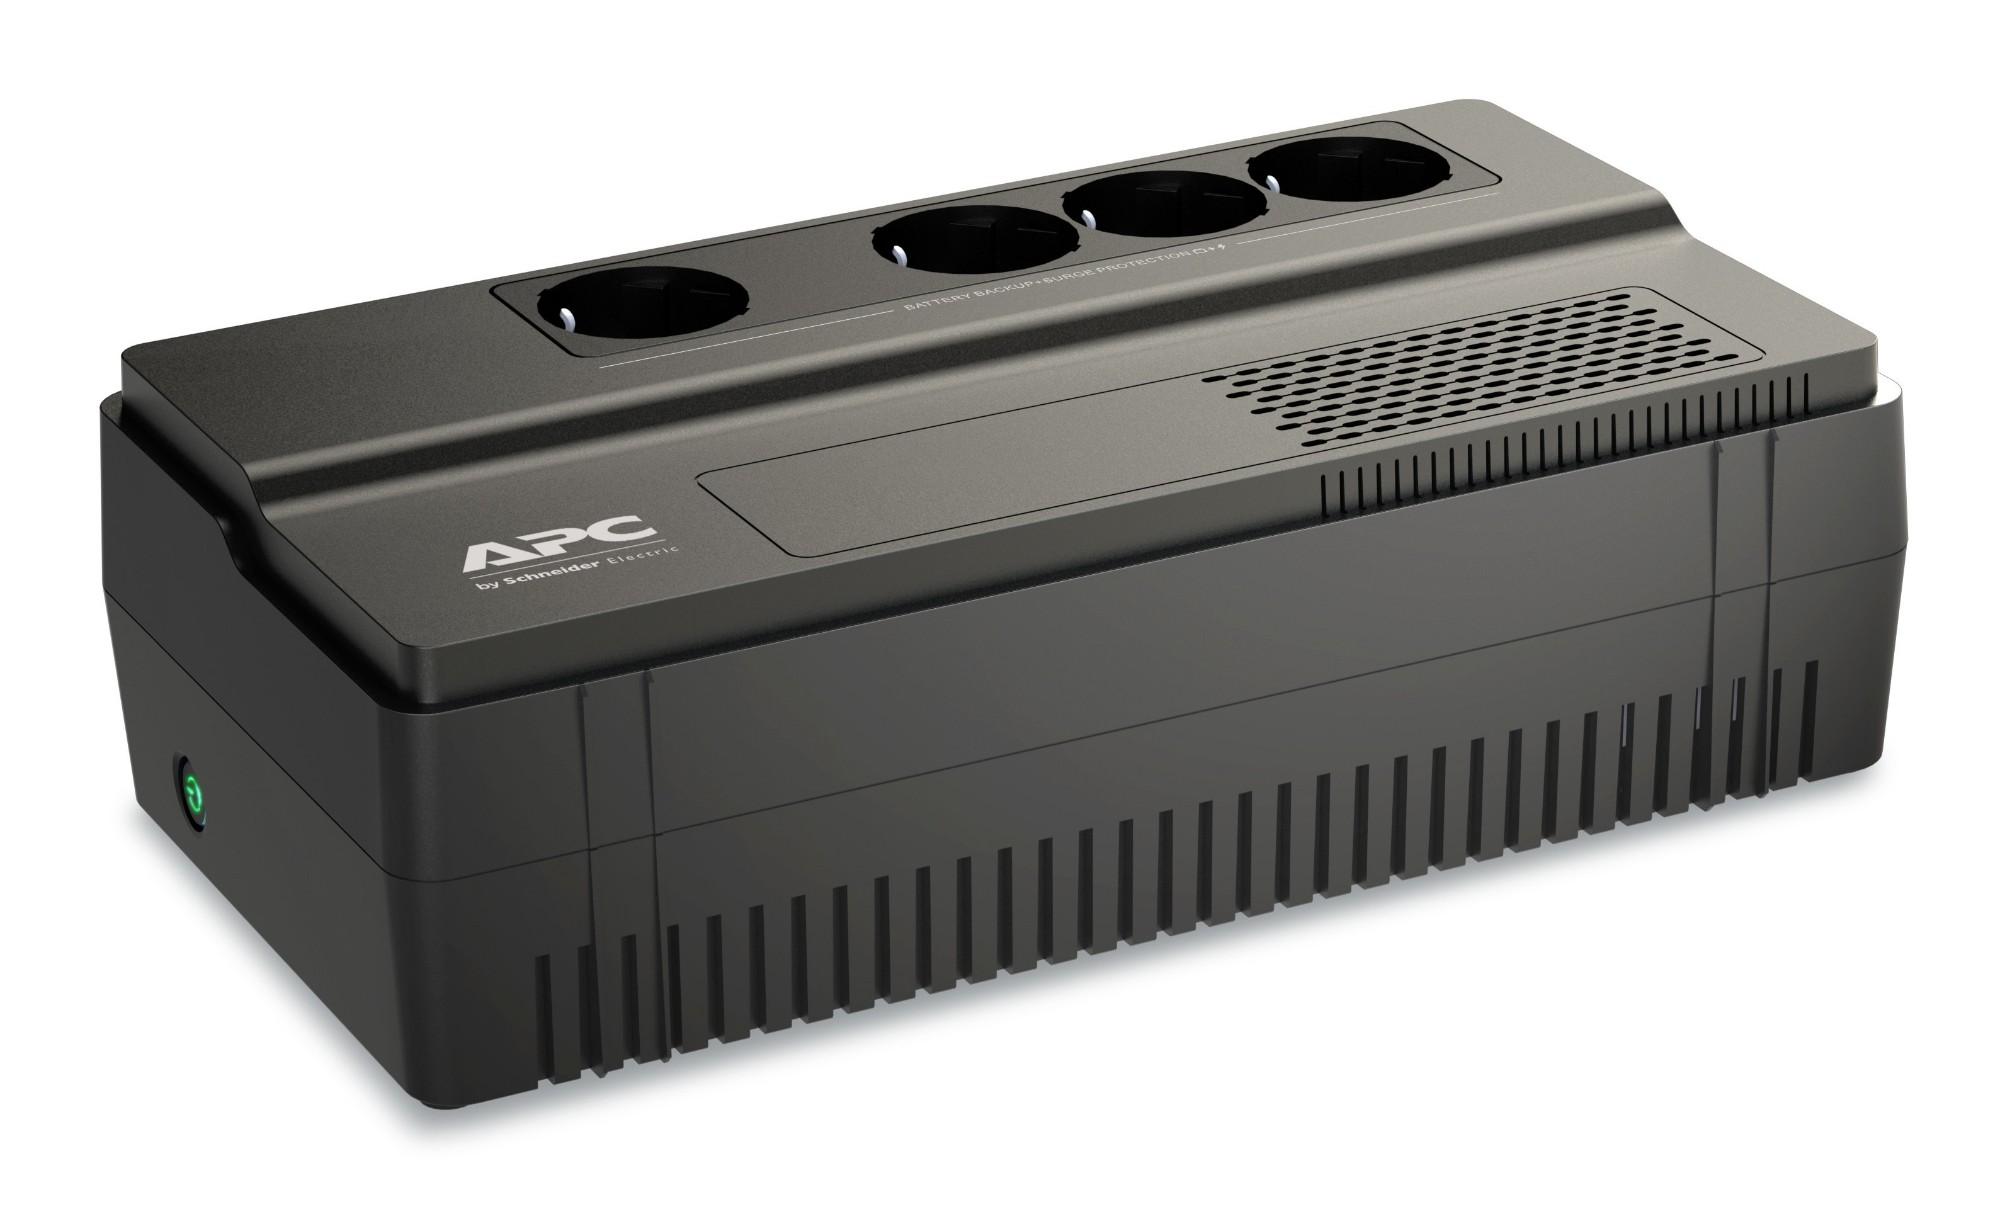 APC BV650I-GR sistema de alimentación ininterrumpida (UPS) Línea interactiva 650 VA 375 W 4 salidas AC